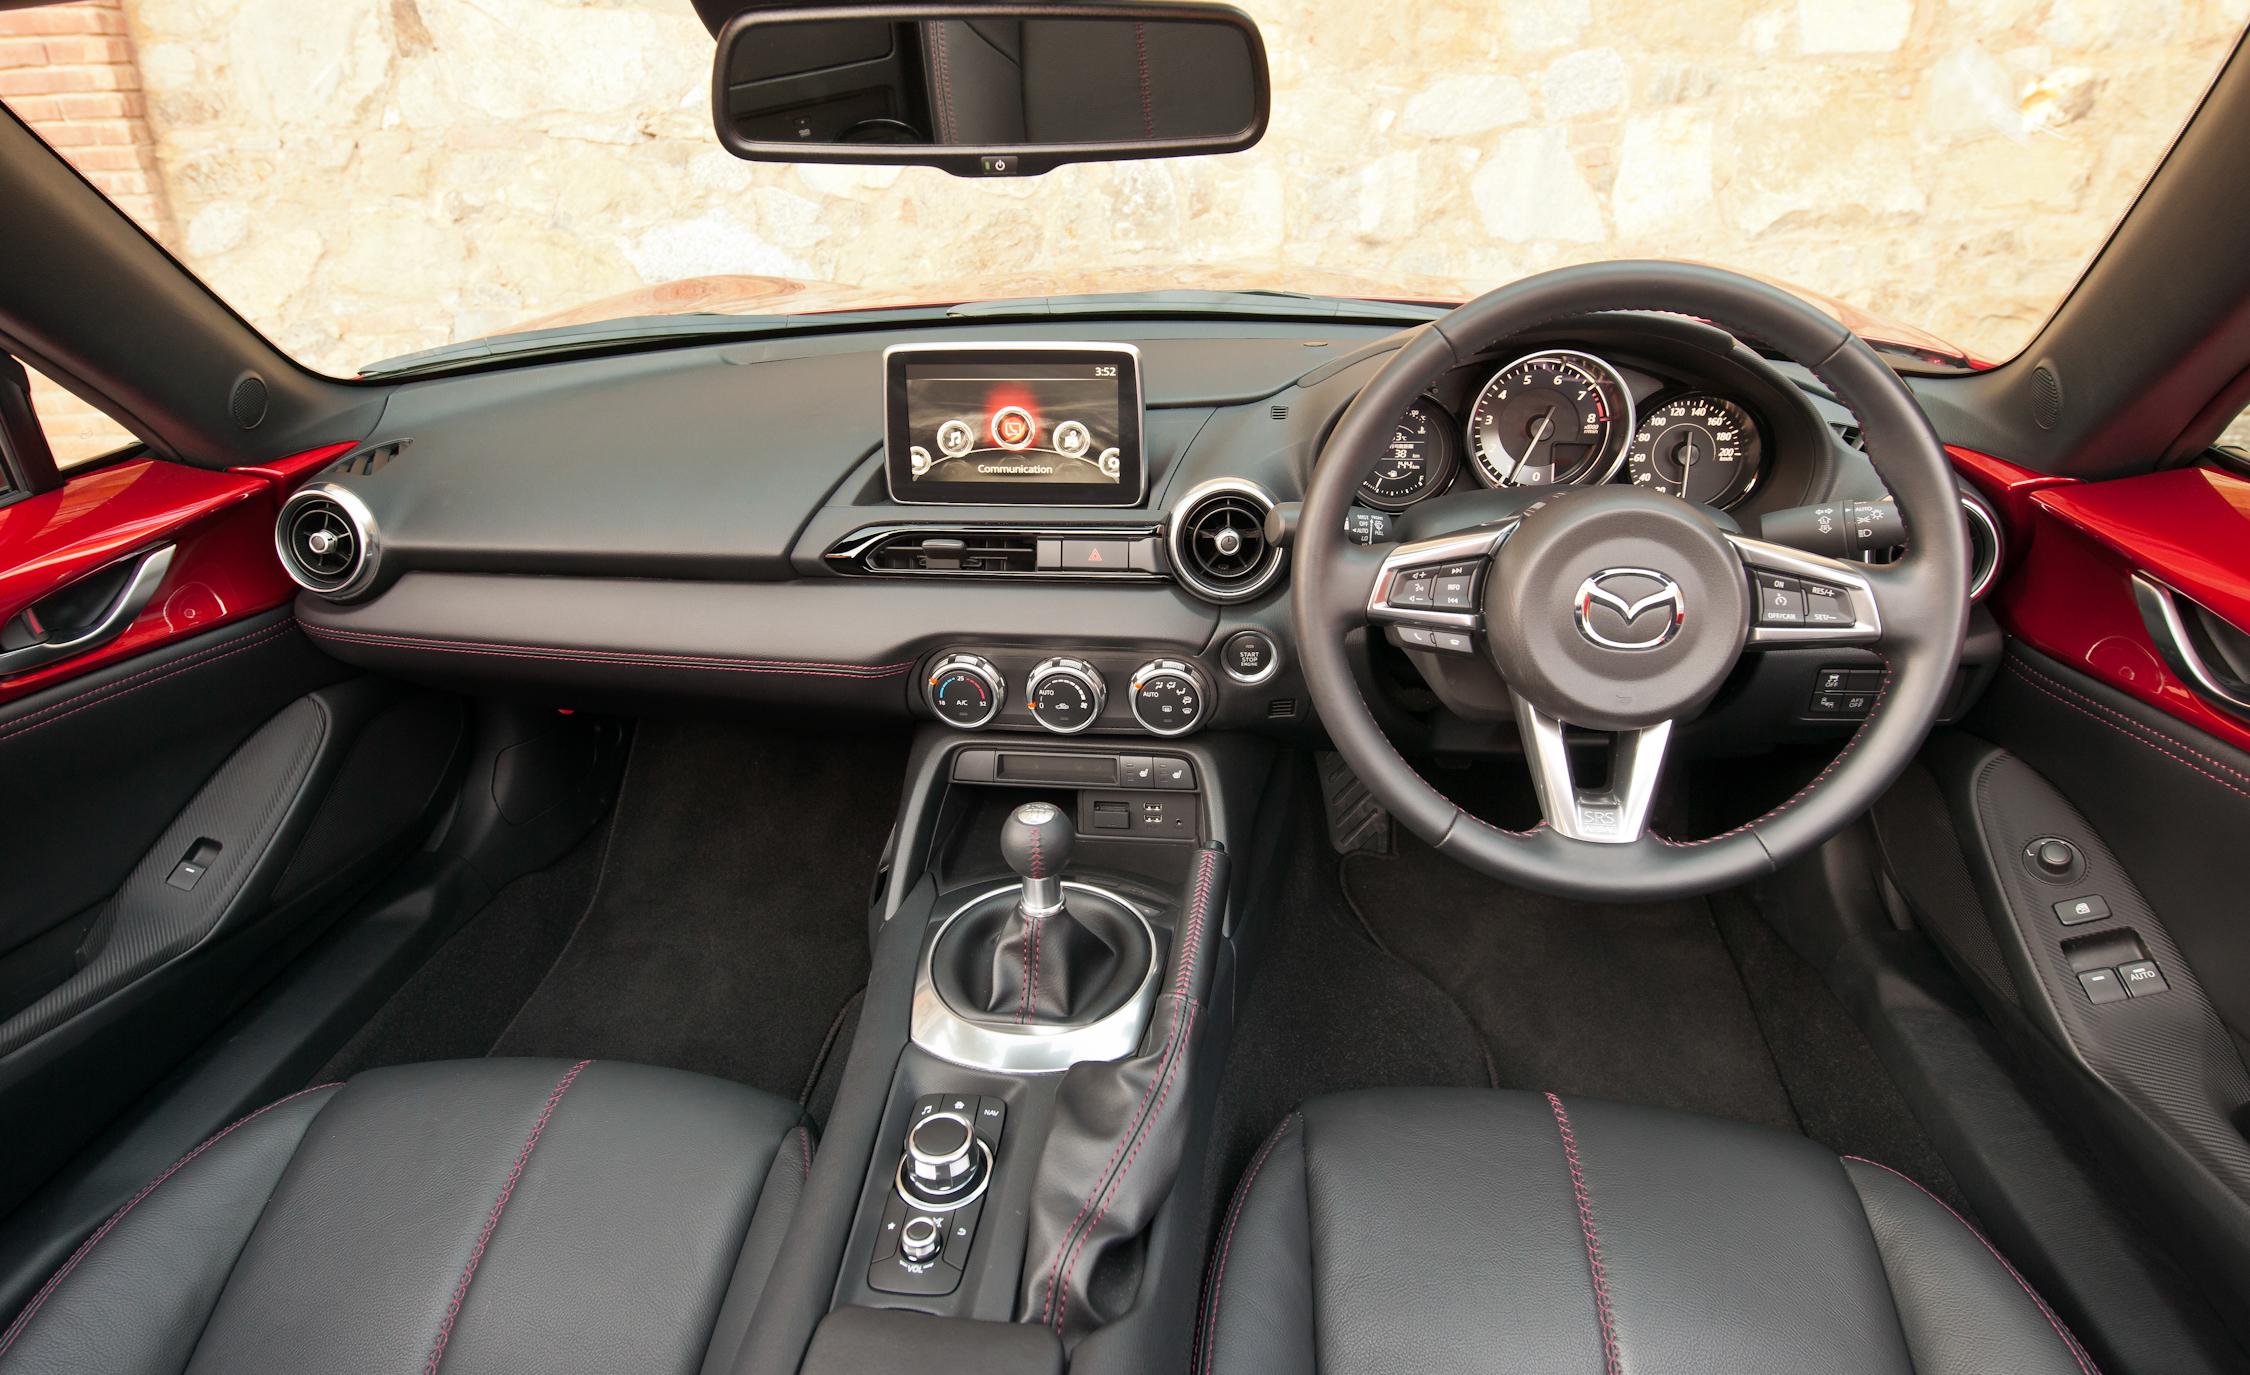 2016 Mazda MX-5 Miata Cockpit and Dashboard Interior